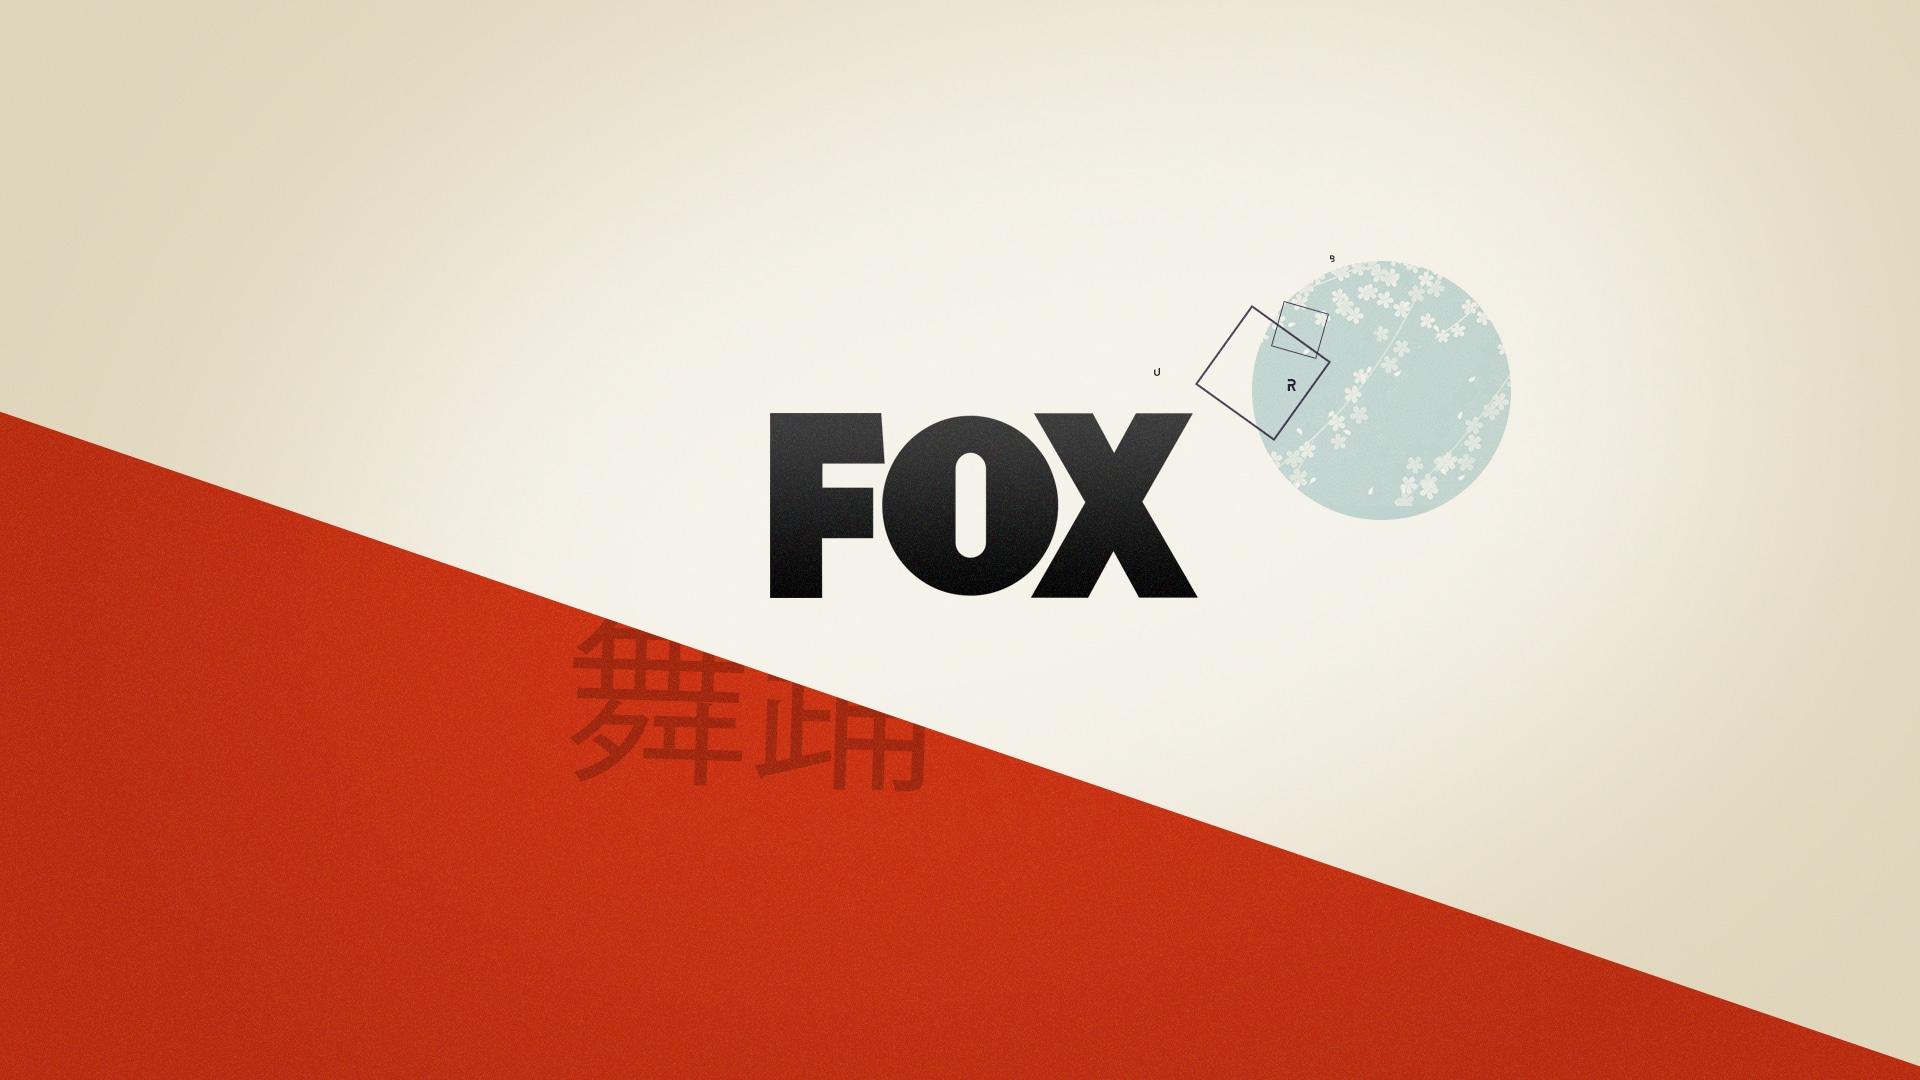 Logo de la chaine de TV FOX avec reprise des éléments graphiques et géométriques de la bande annonce